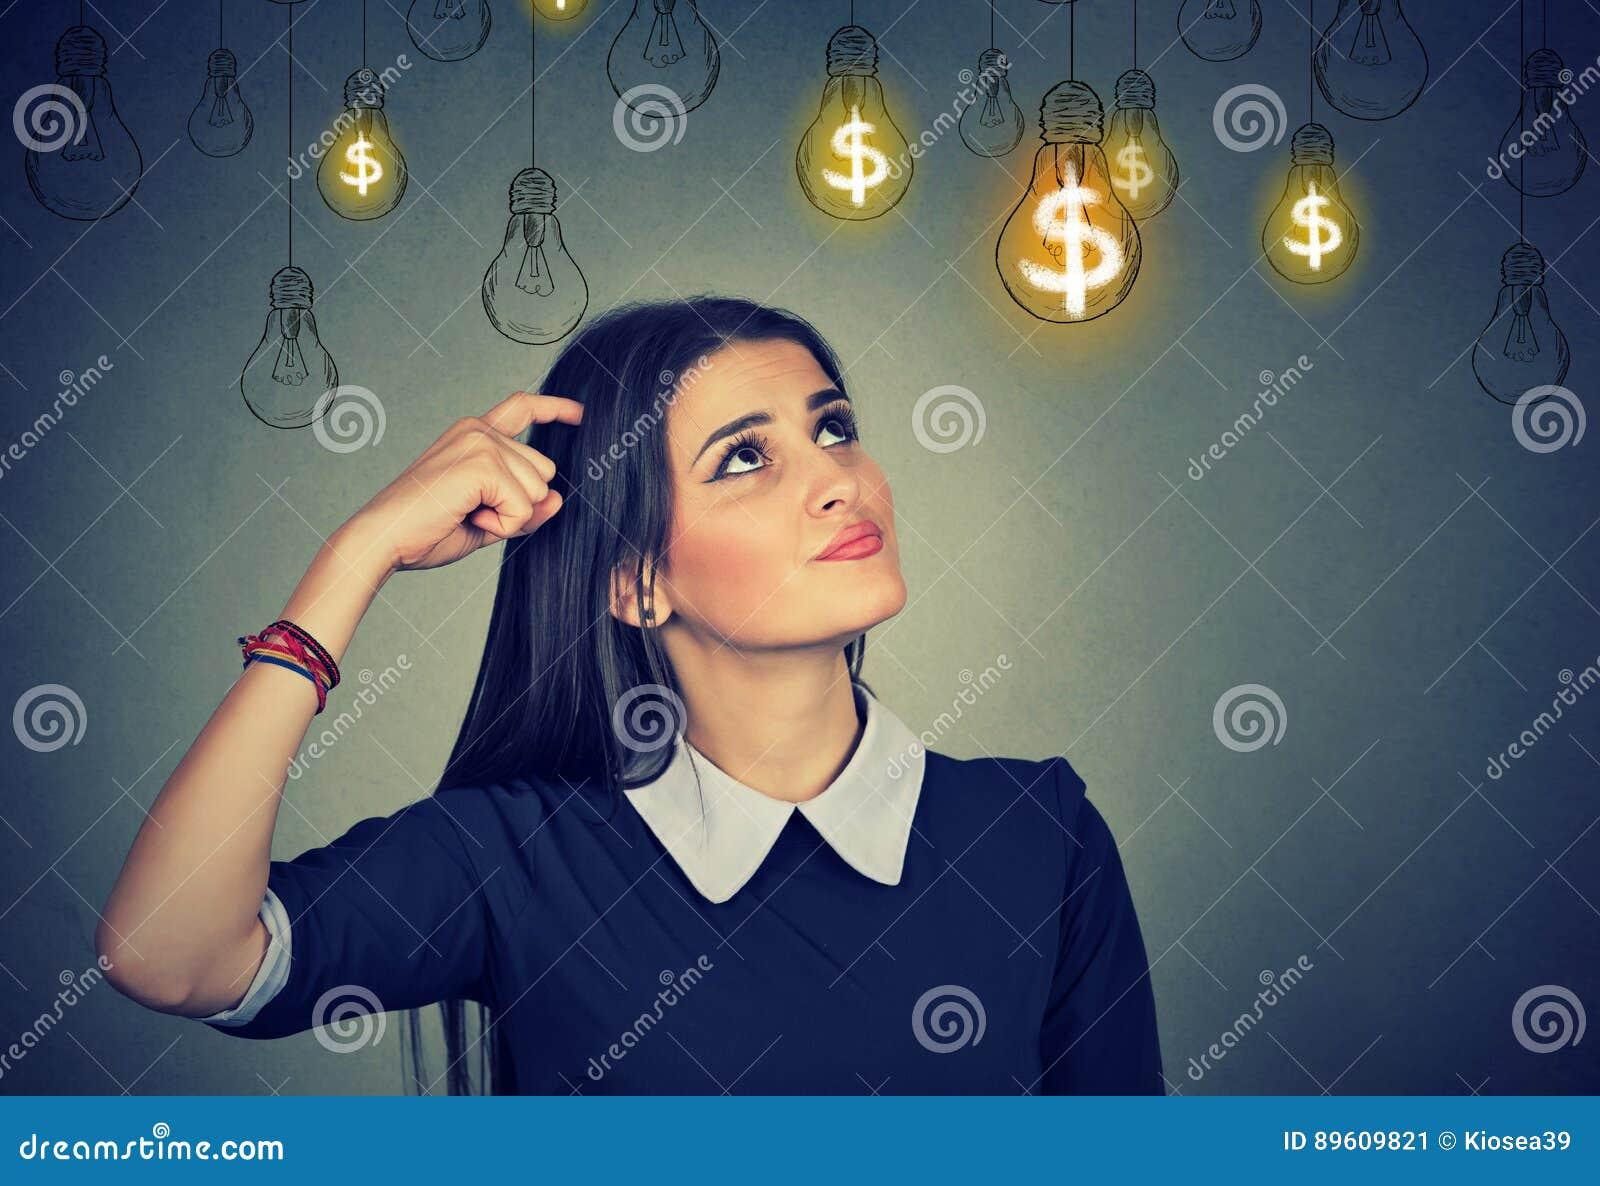 Σκεπτόμενη νέα γυναίκα που εξετάζει επάνω τις λάμπες φωτός ιδέας δολαρίων επάνω από το κεφάλι